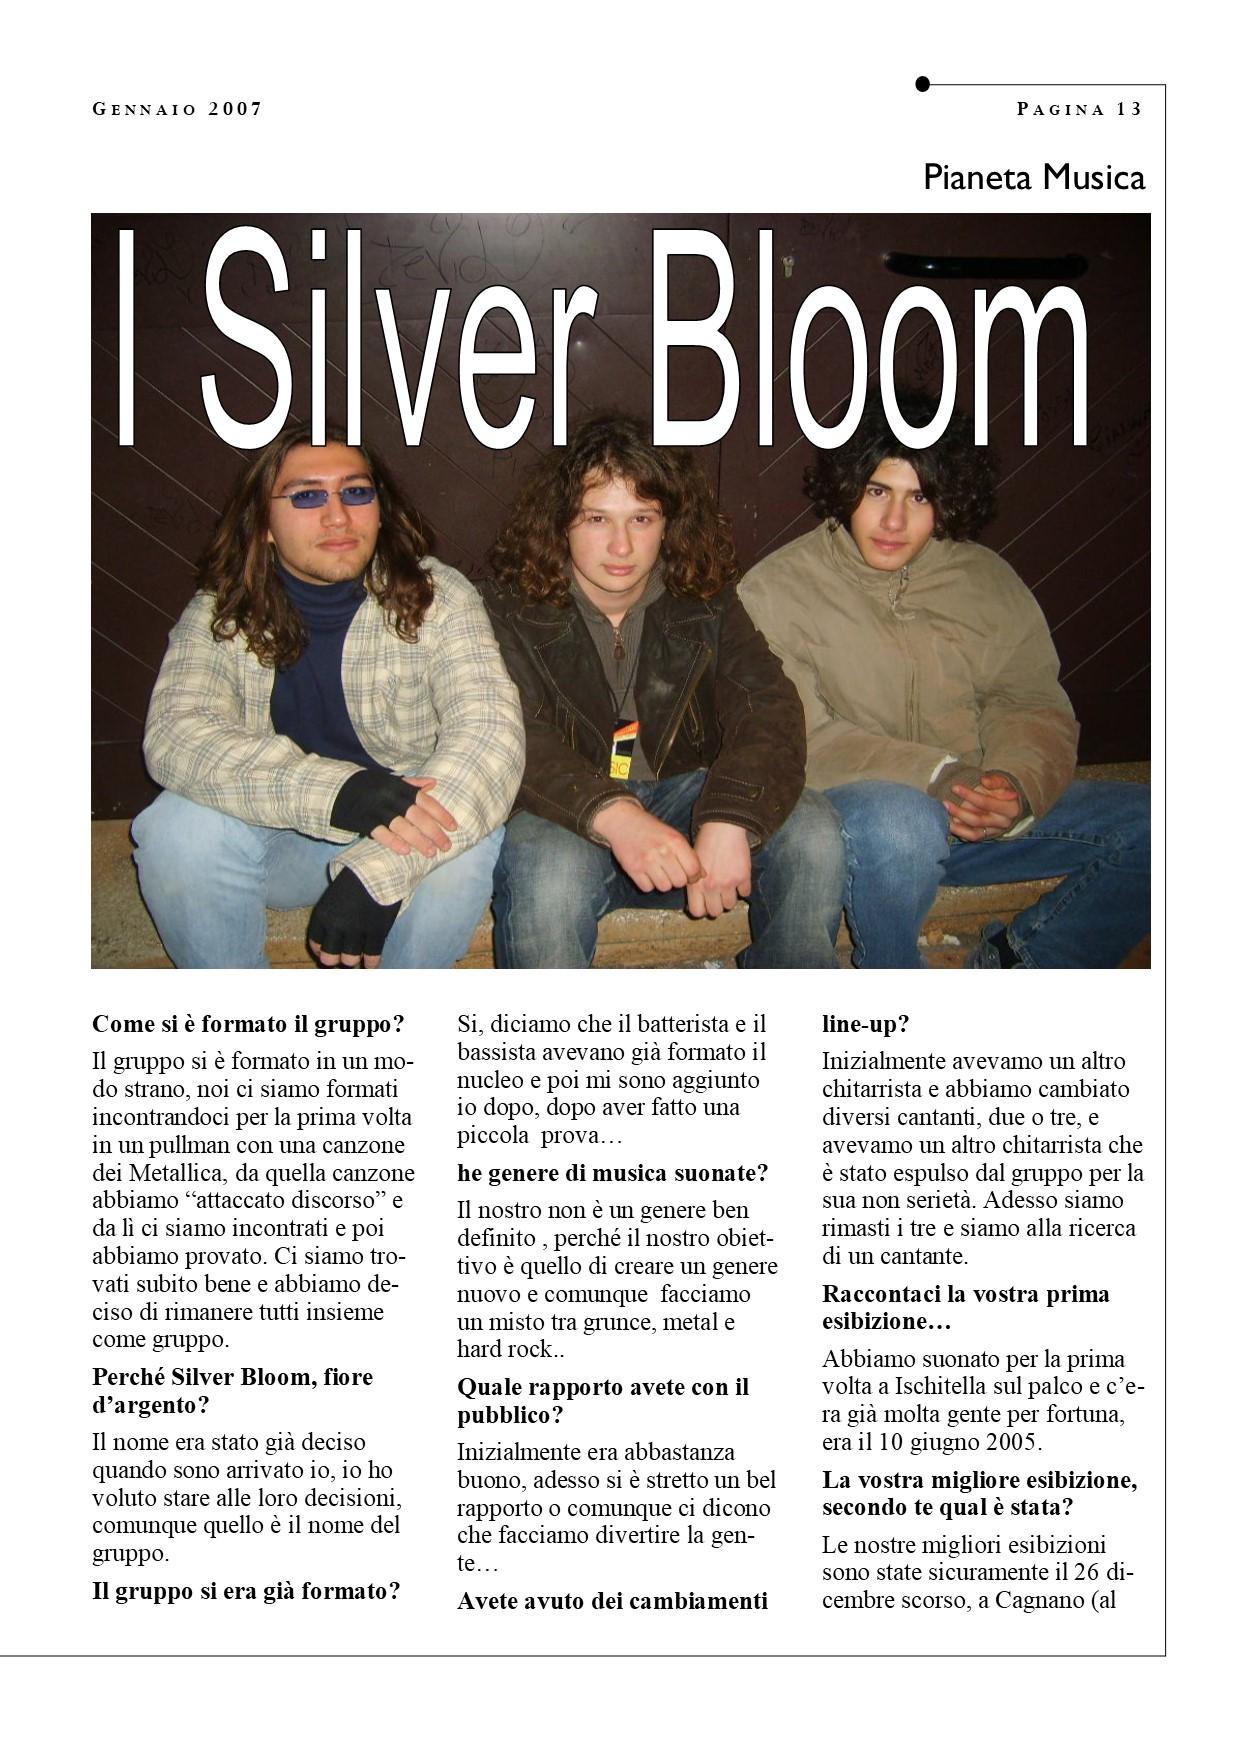 Fabio D'Errico con i Silver Bloom in un articolo di Schiamazzi del 2007